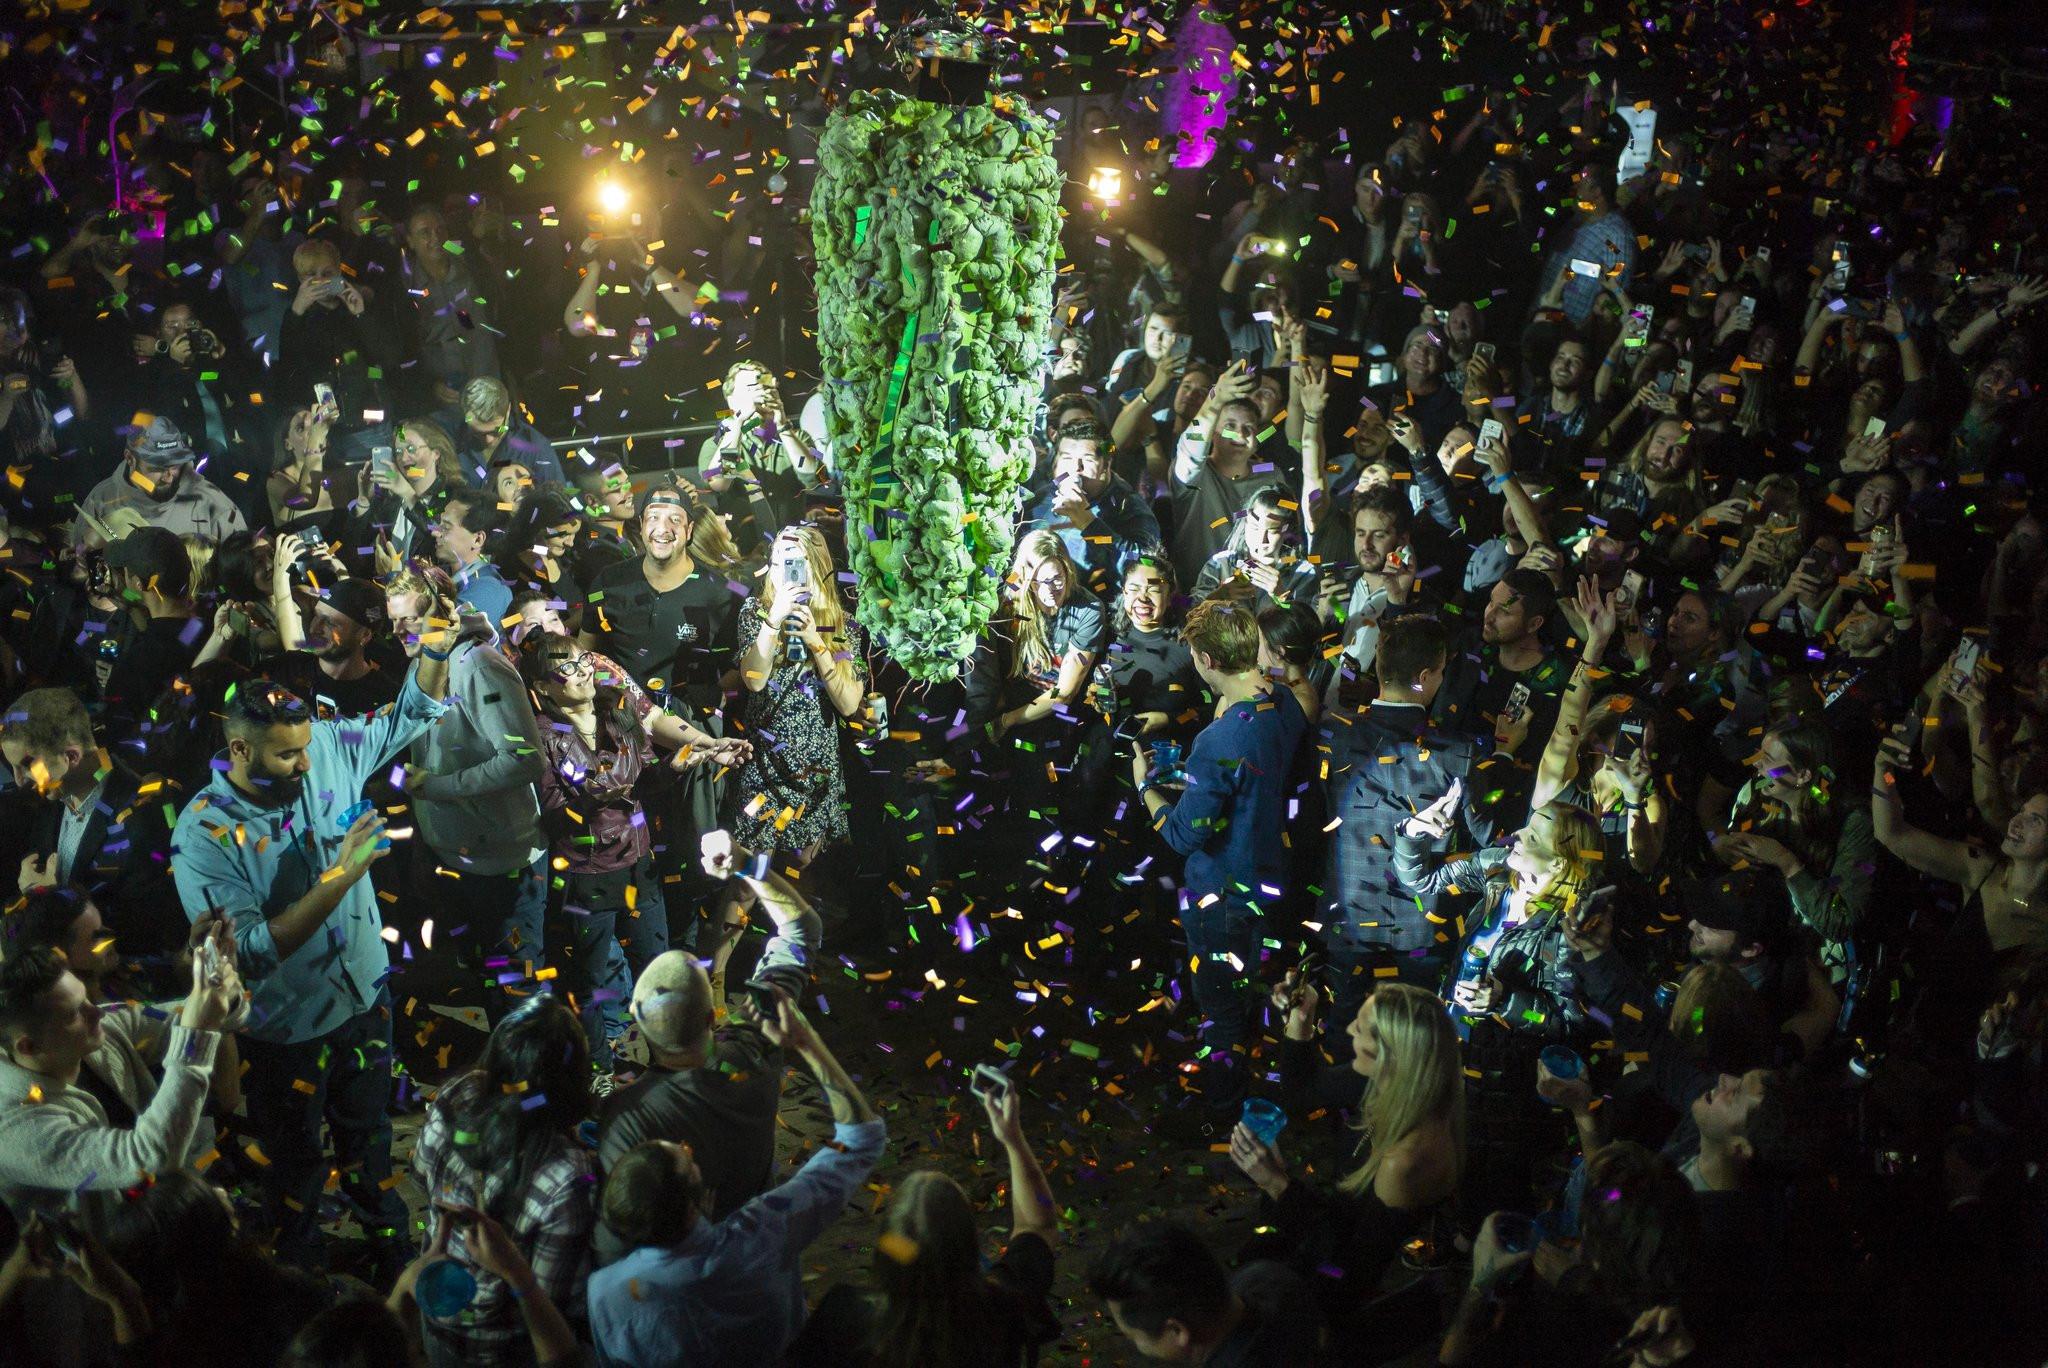 क्यानडामा गाँजा बिक्री खुला भएपछि खुसीयाली मनाइँदै। तस्बिरः द न्यूयोर्क टाइम्स